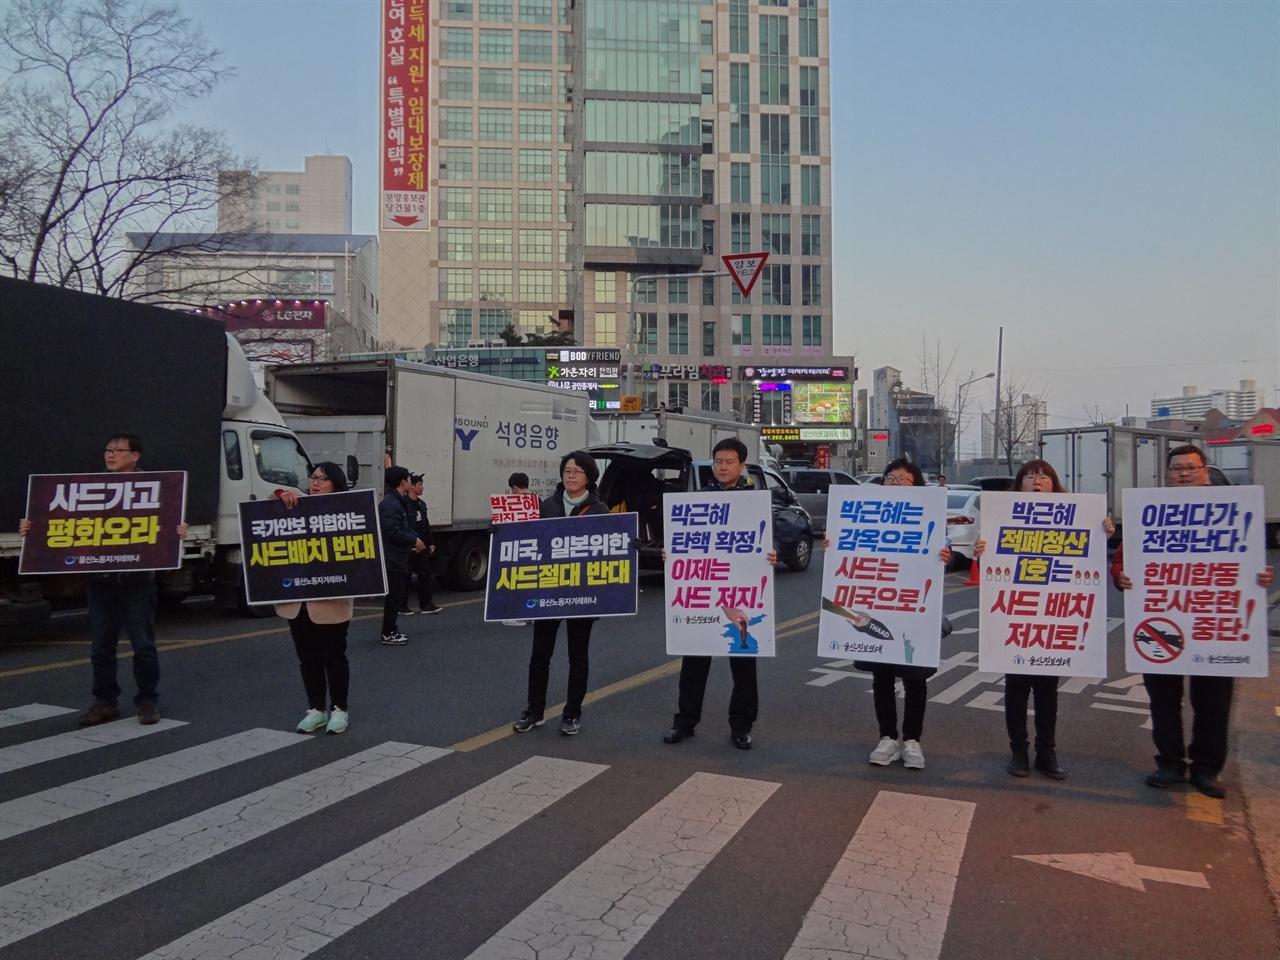 사드 반대하는 울산시민들 <울산노동자겨레하나>와 <울산진보연대>측에서 하는 사드배치 반대 피켓시위